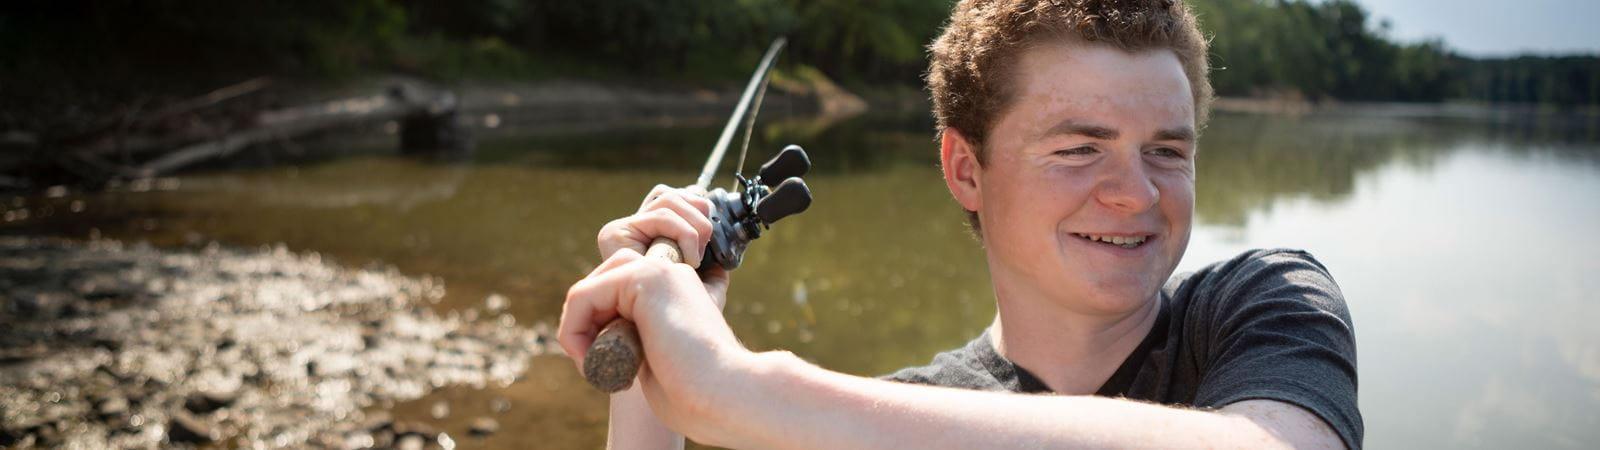 Aidan fiske